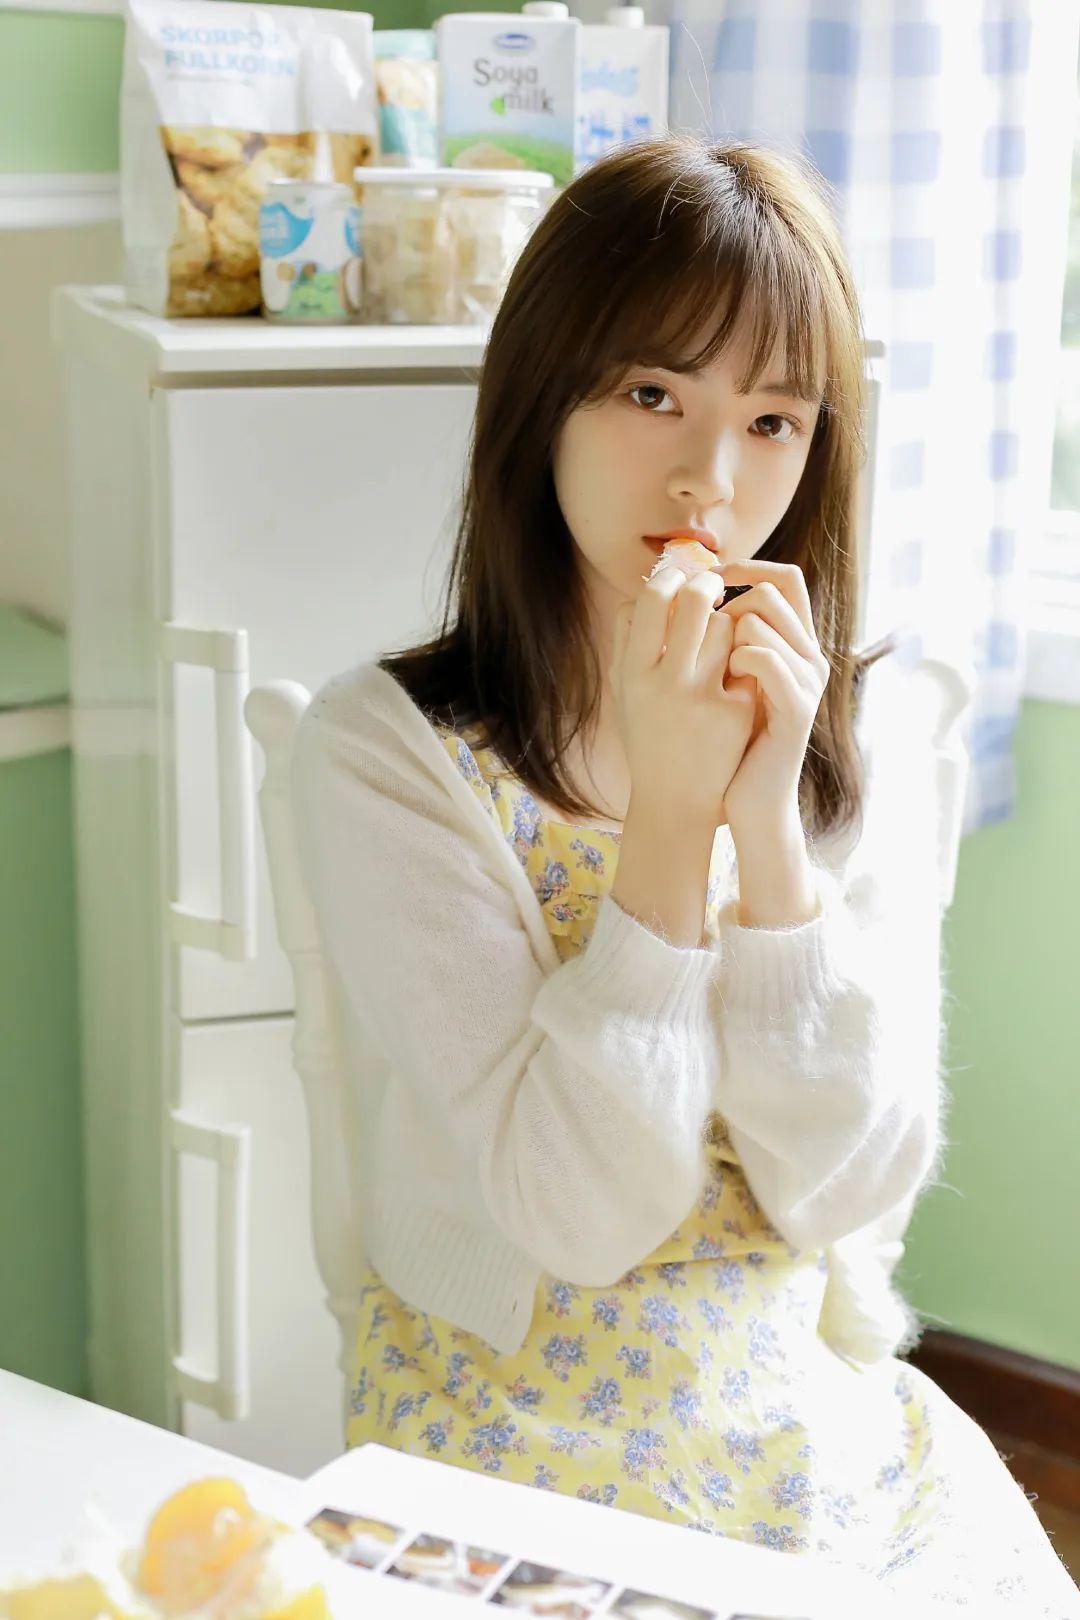 妹子摄影 – 青春少女白色小腿袜_图片 No.9